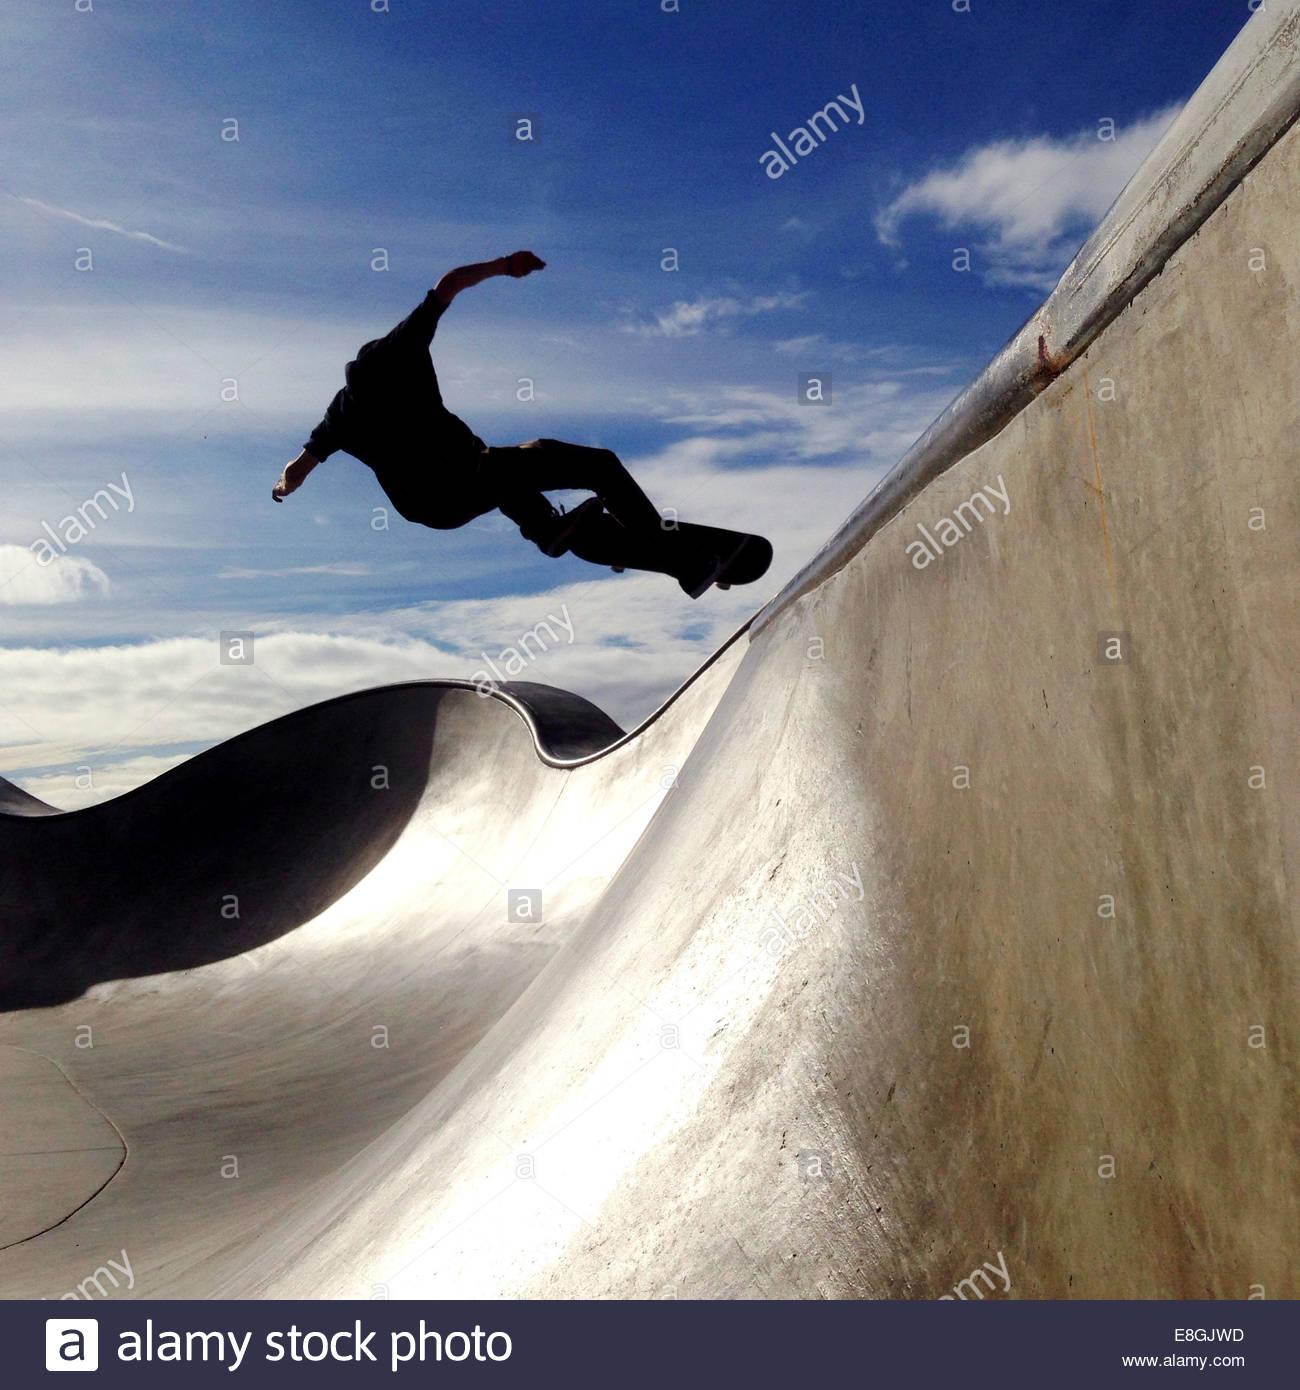 Skater jumping in skateboard park - Stock Image